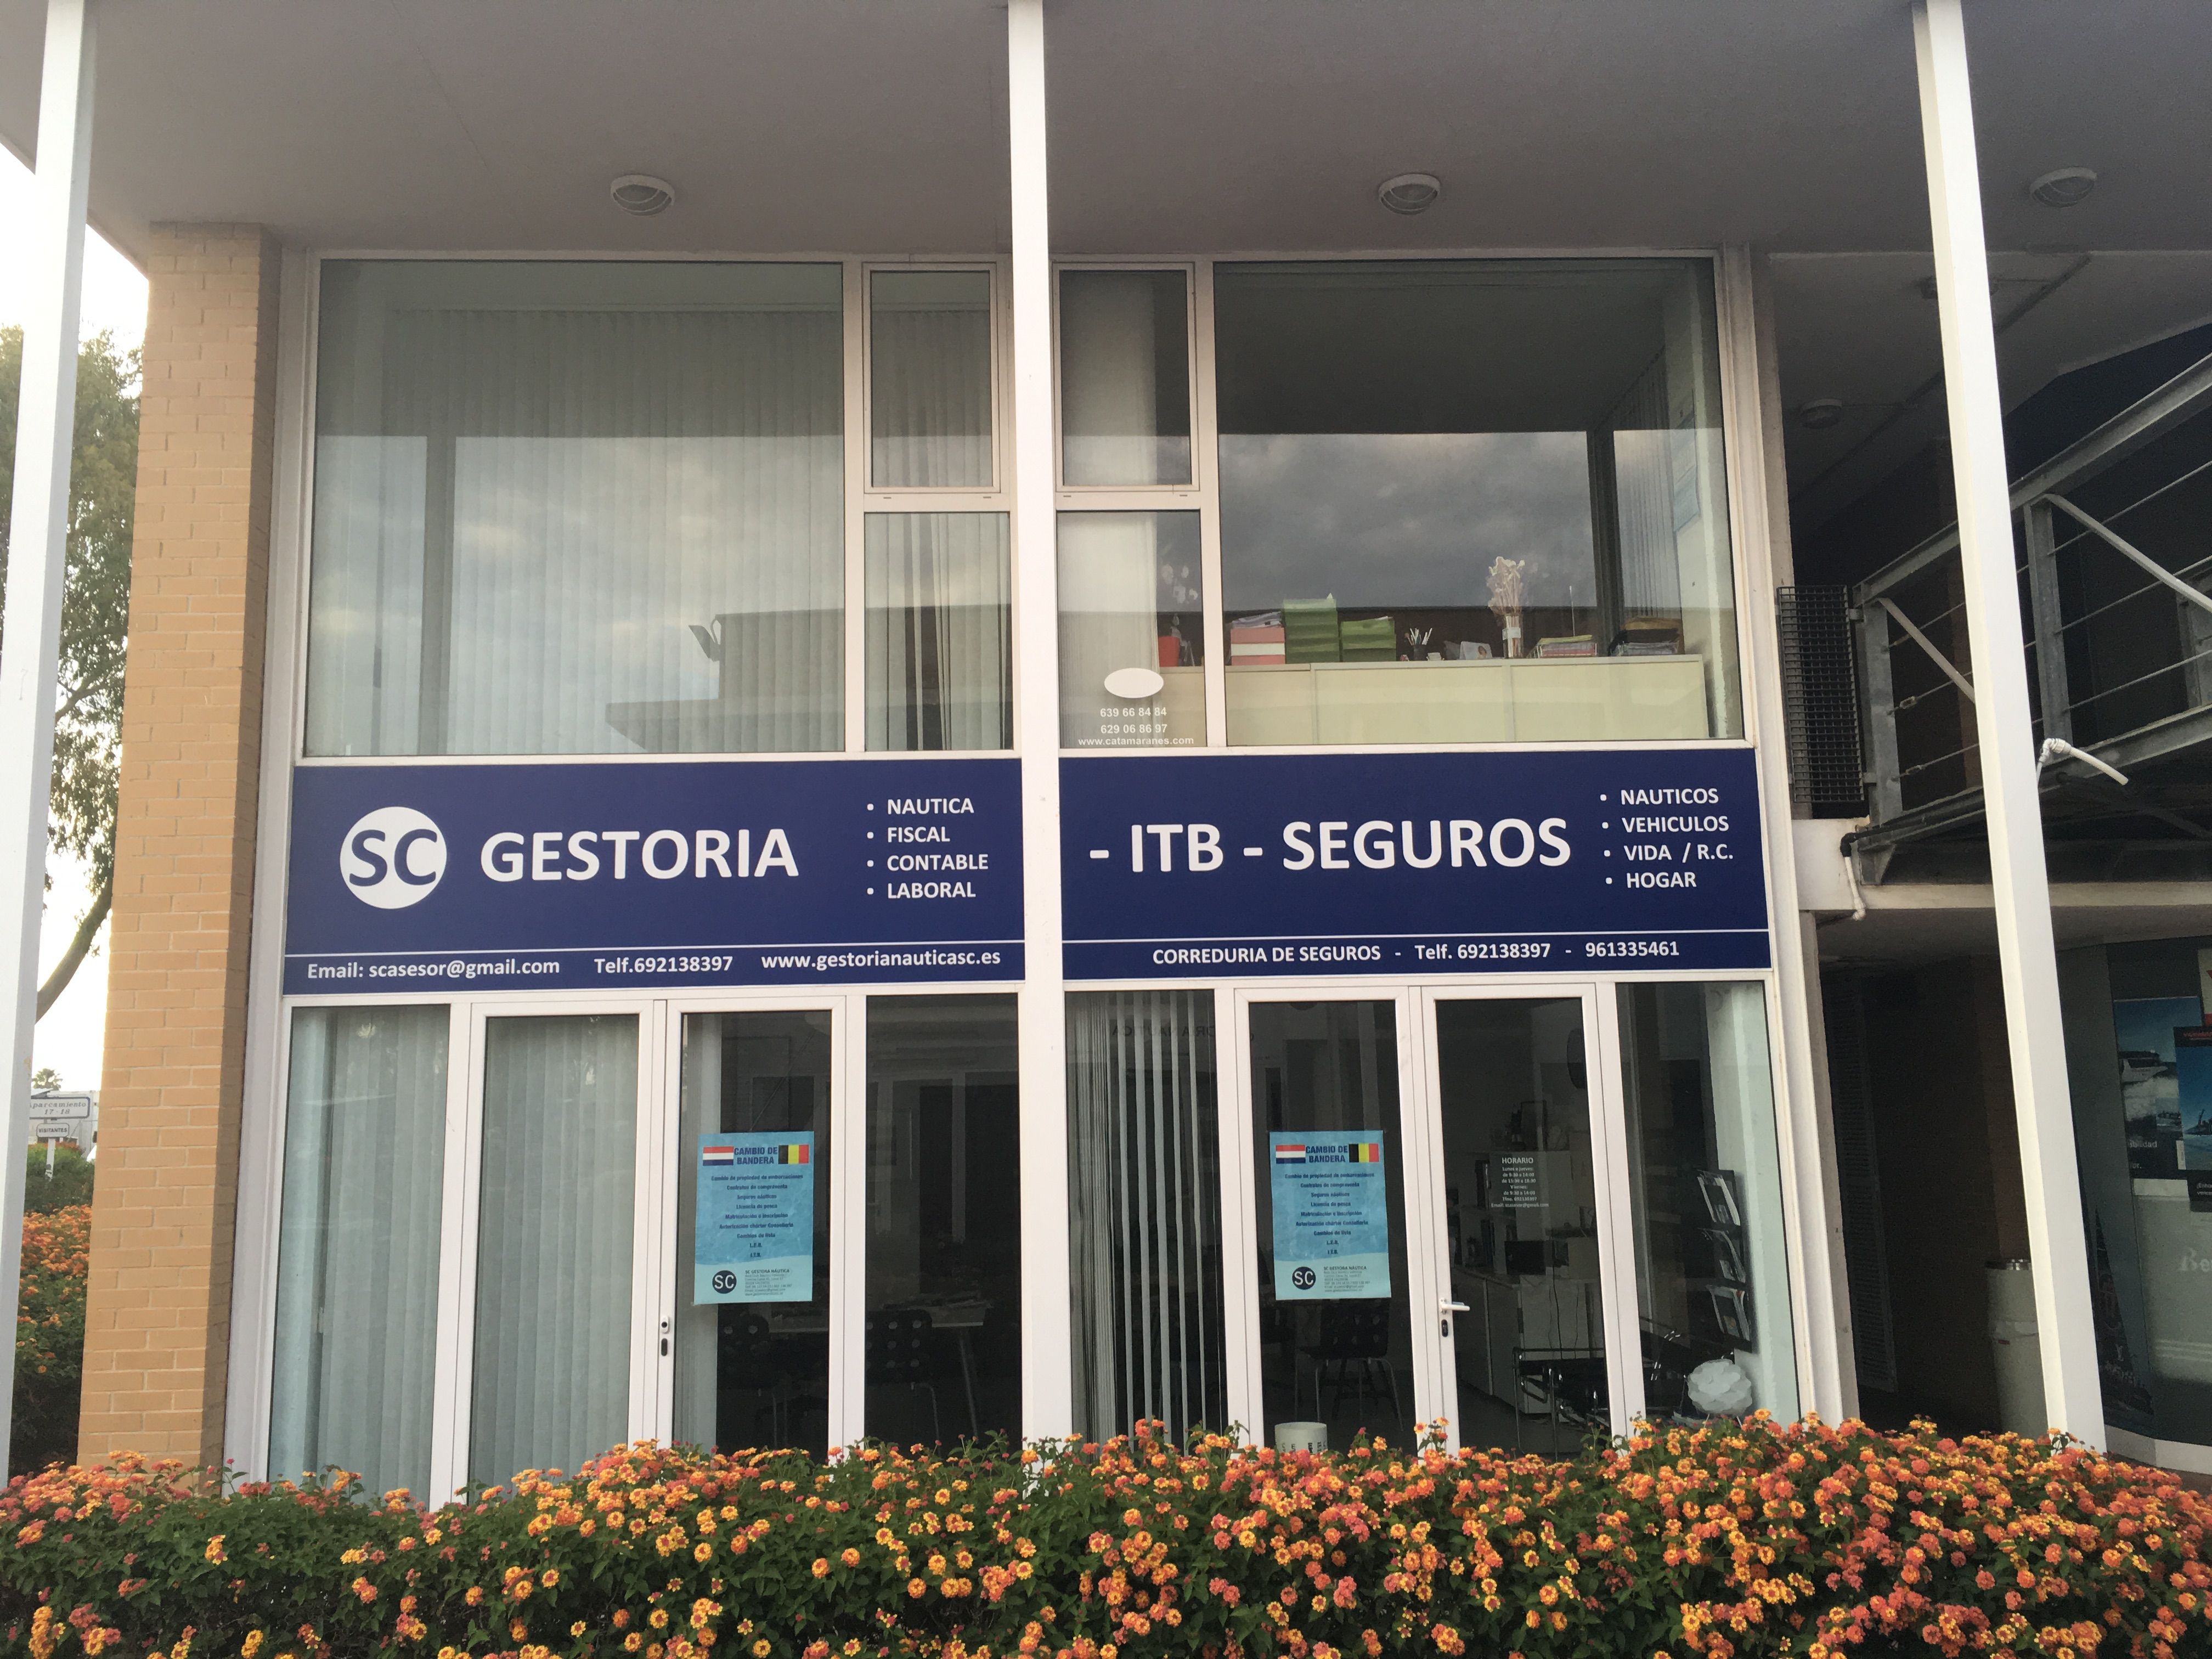 Nuevo local  SC Gestoría Náutica - ITB Seguros